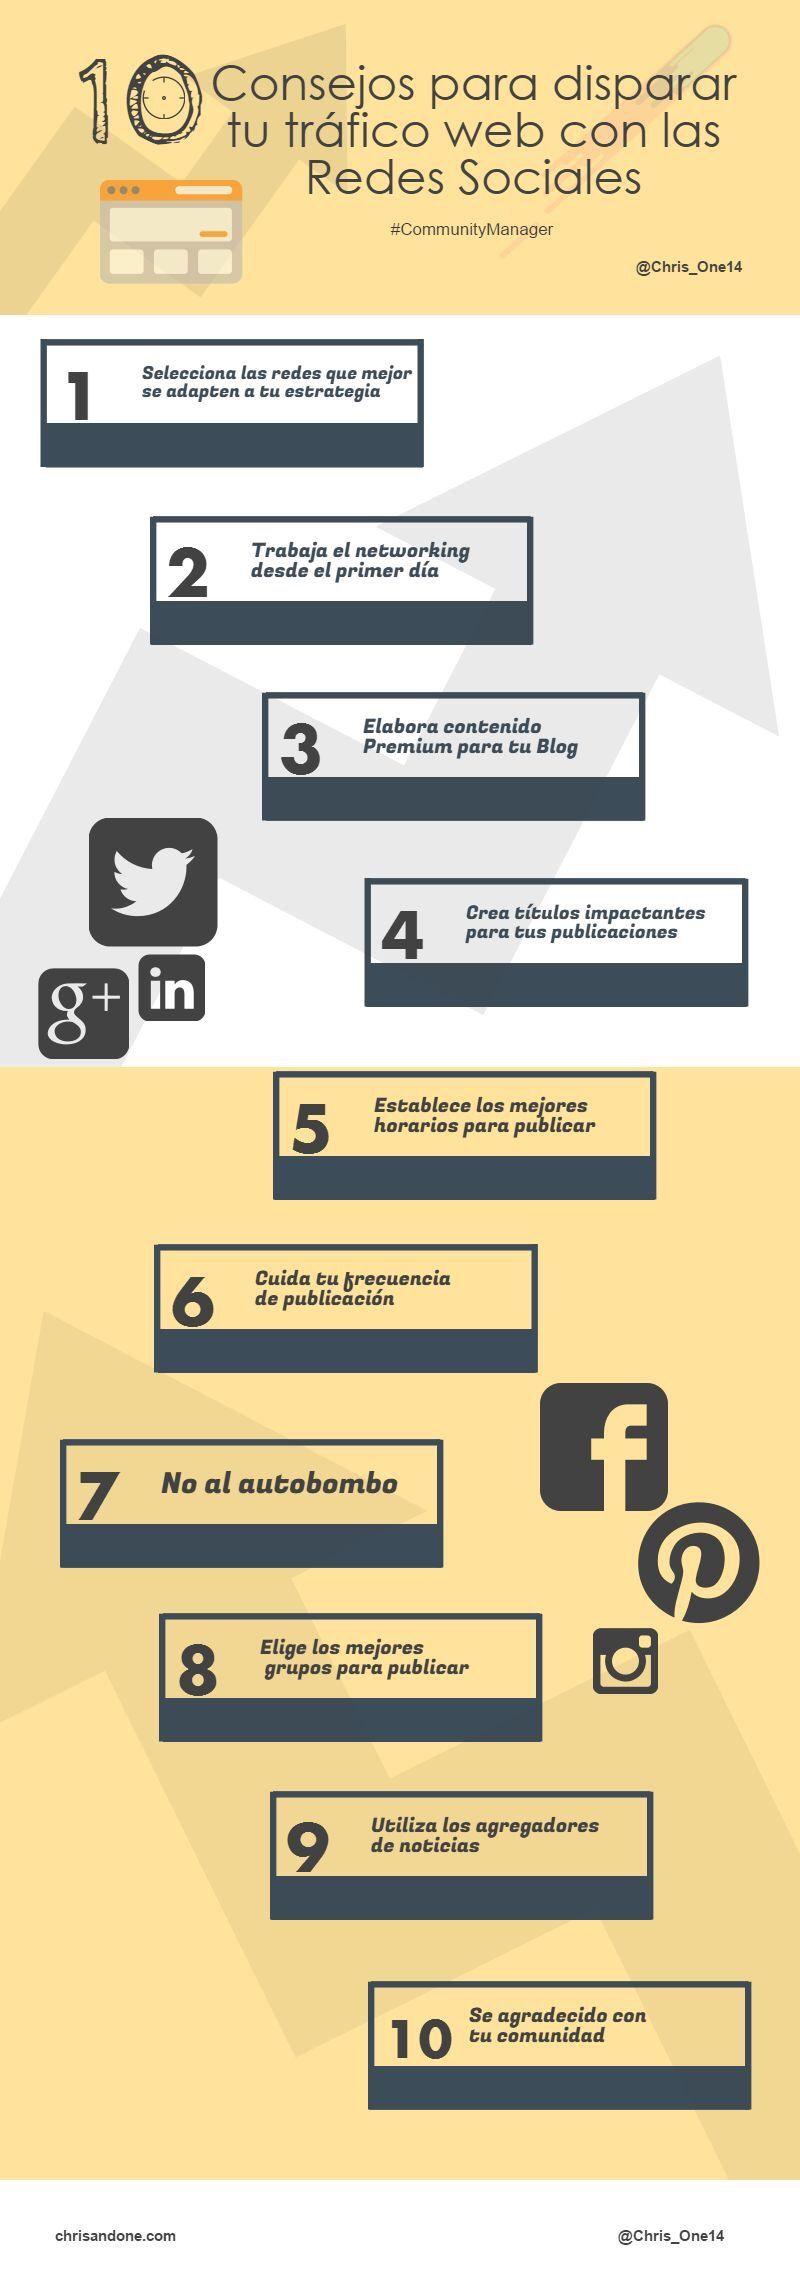 10 Consejos para disparar el tráfico de tus Redes Sociales - http://conecta2.cat/10-consejos-para-disparar-el-trafico-de-tus-redes-sociales/